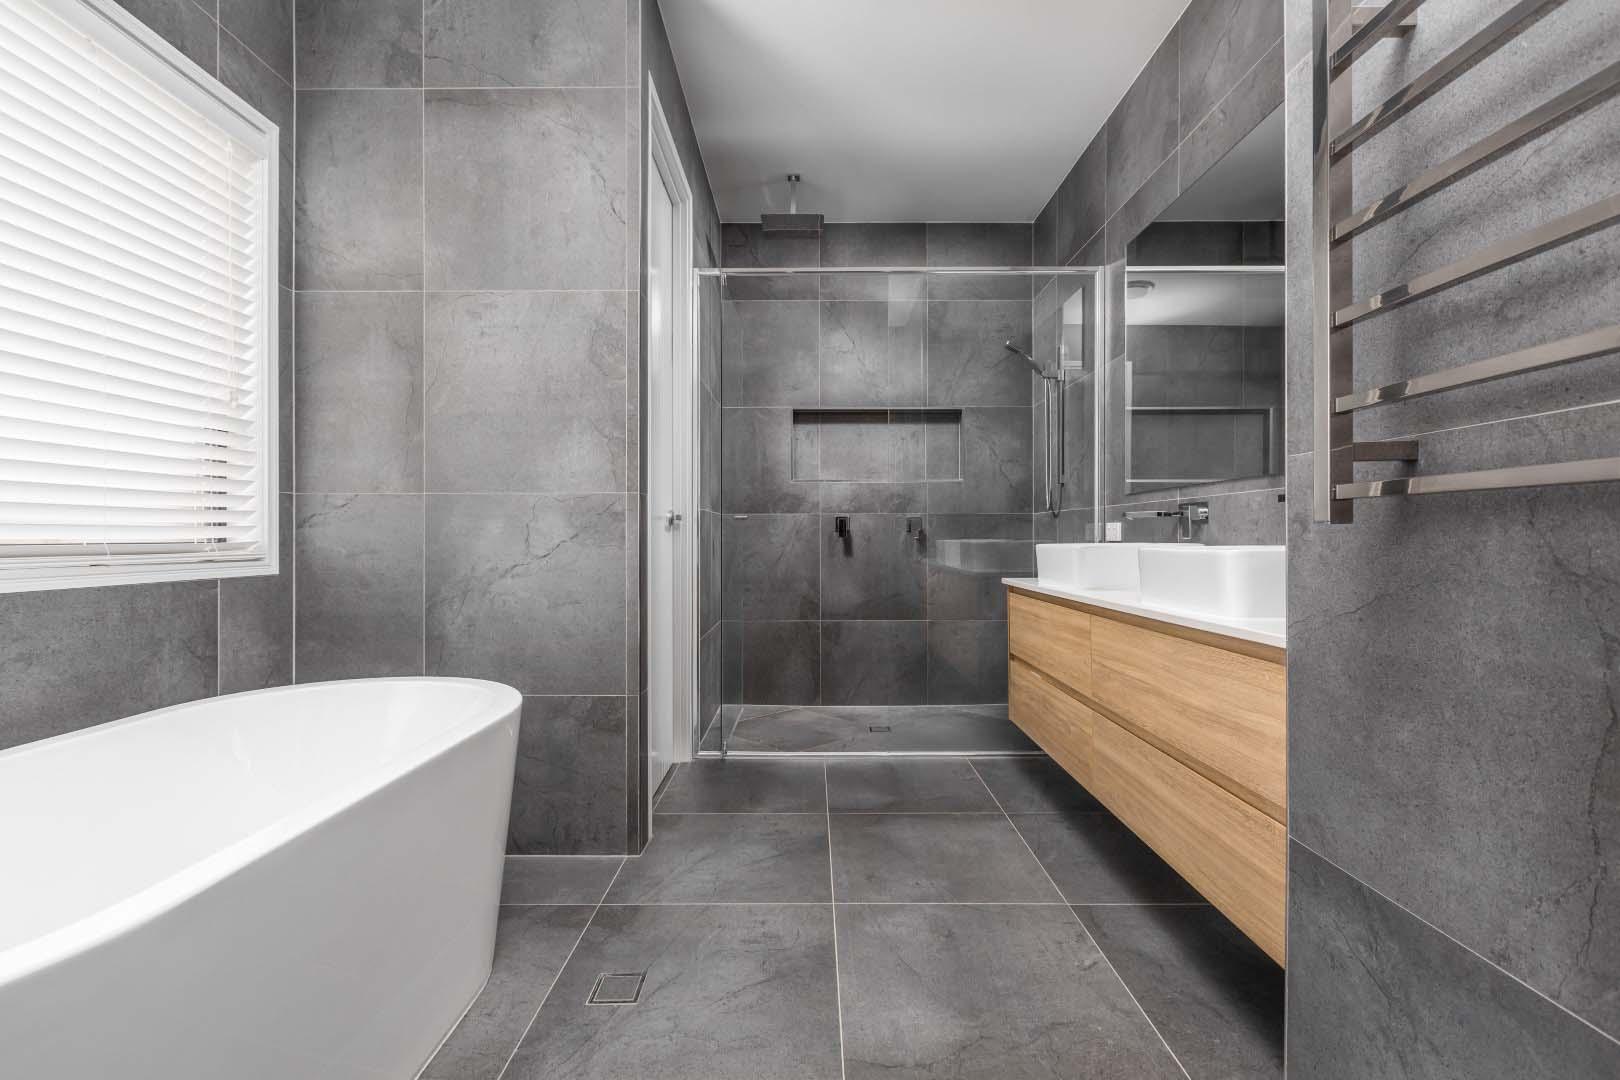 Bathroom Renovation Specialist in Ipswich